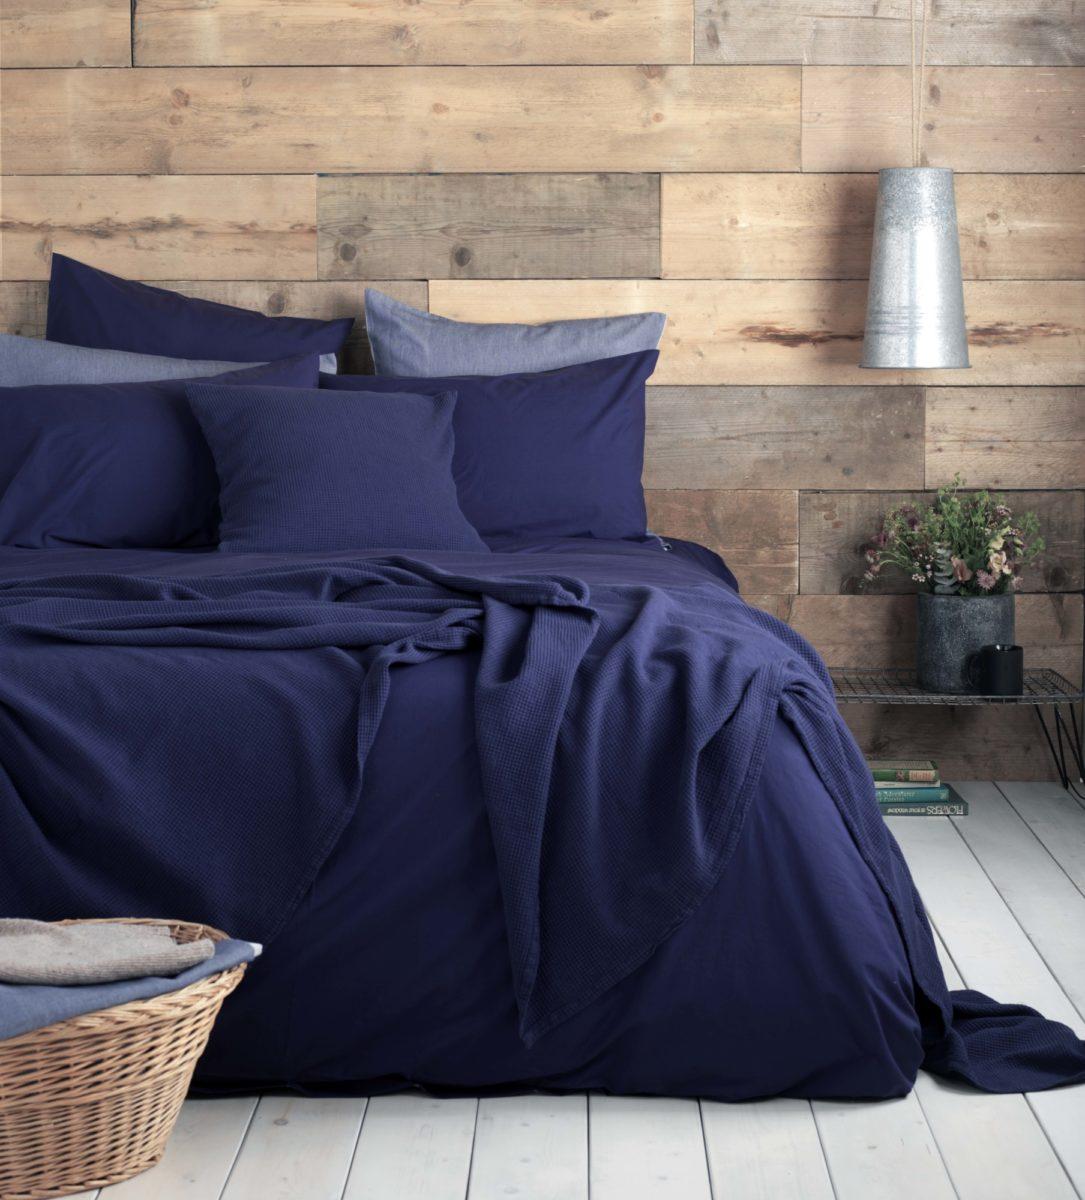 navy bed linen